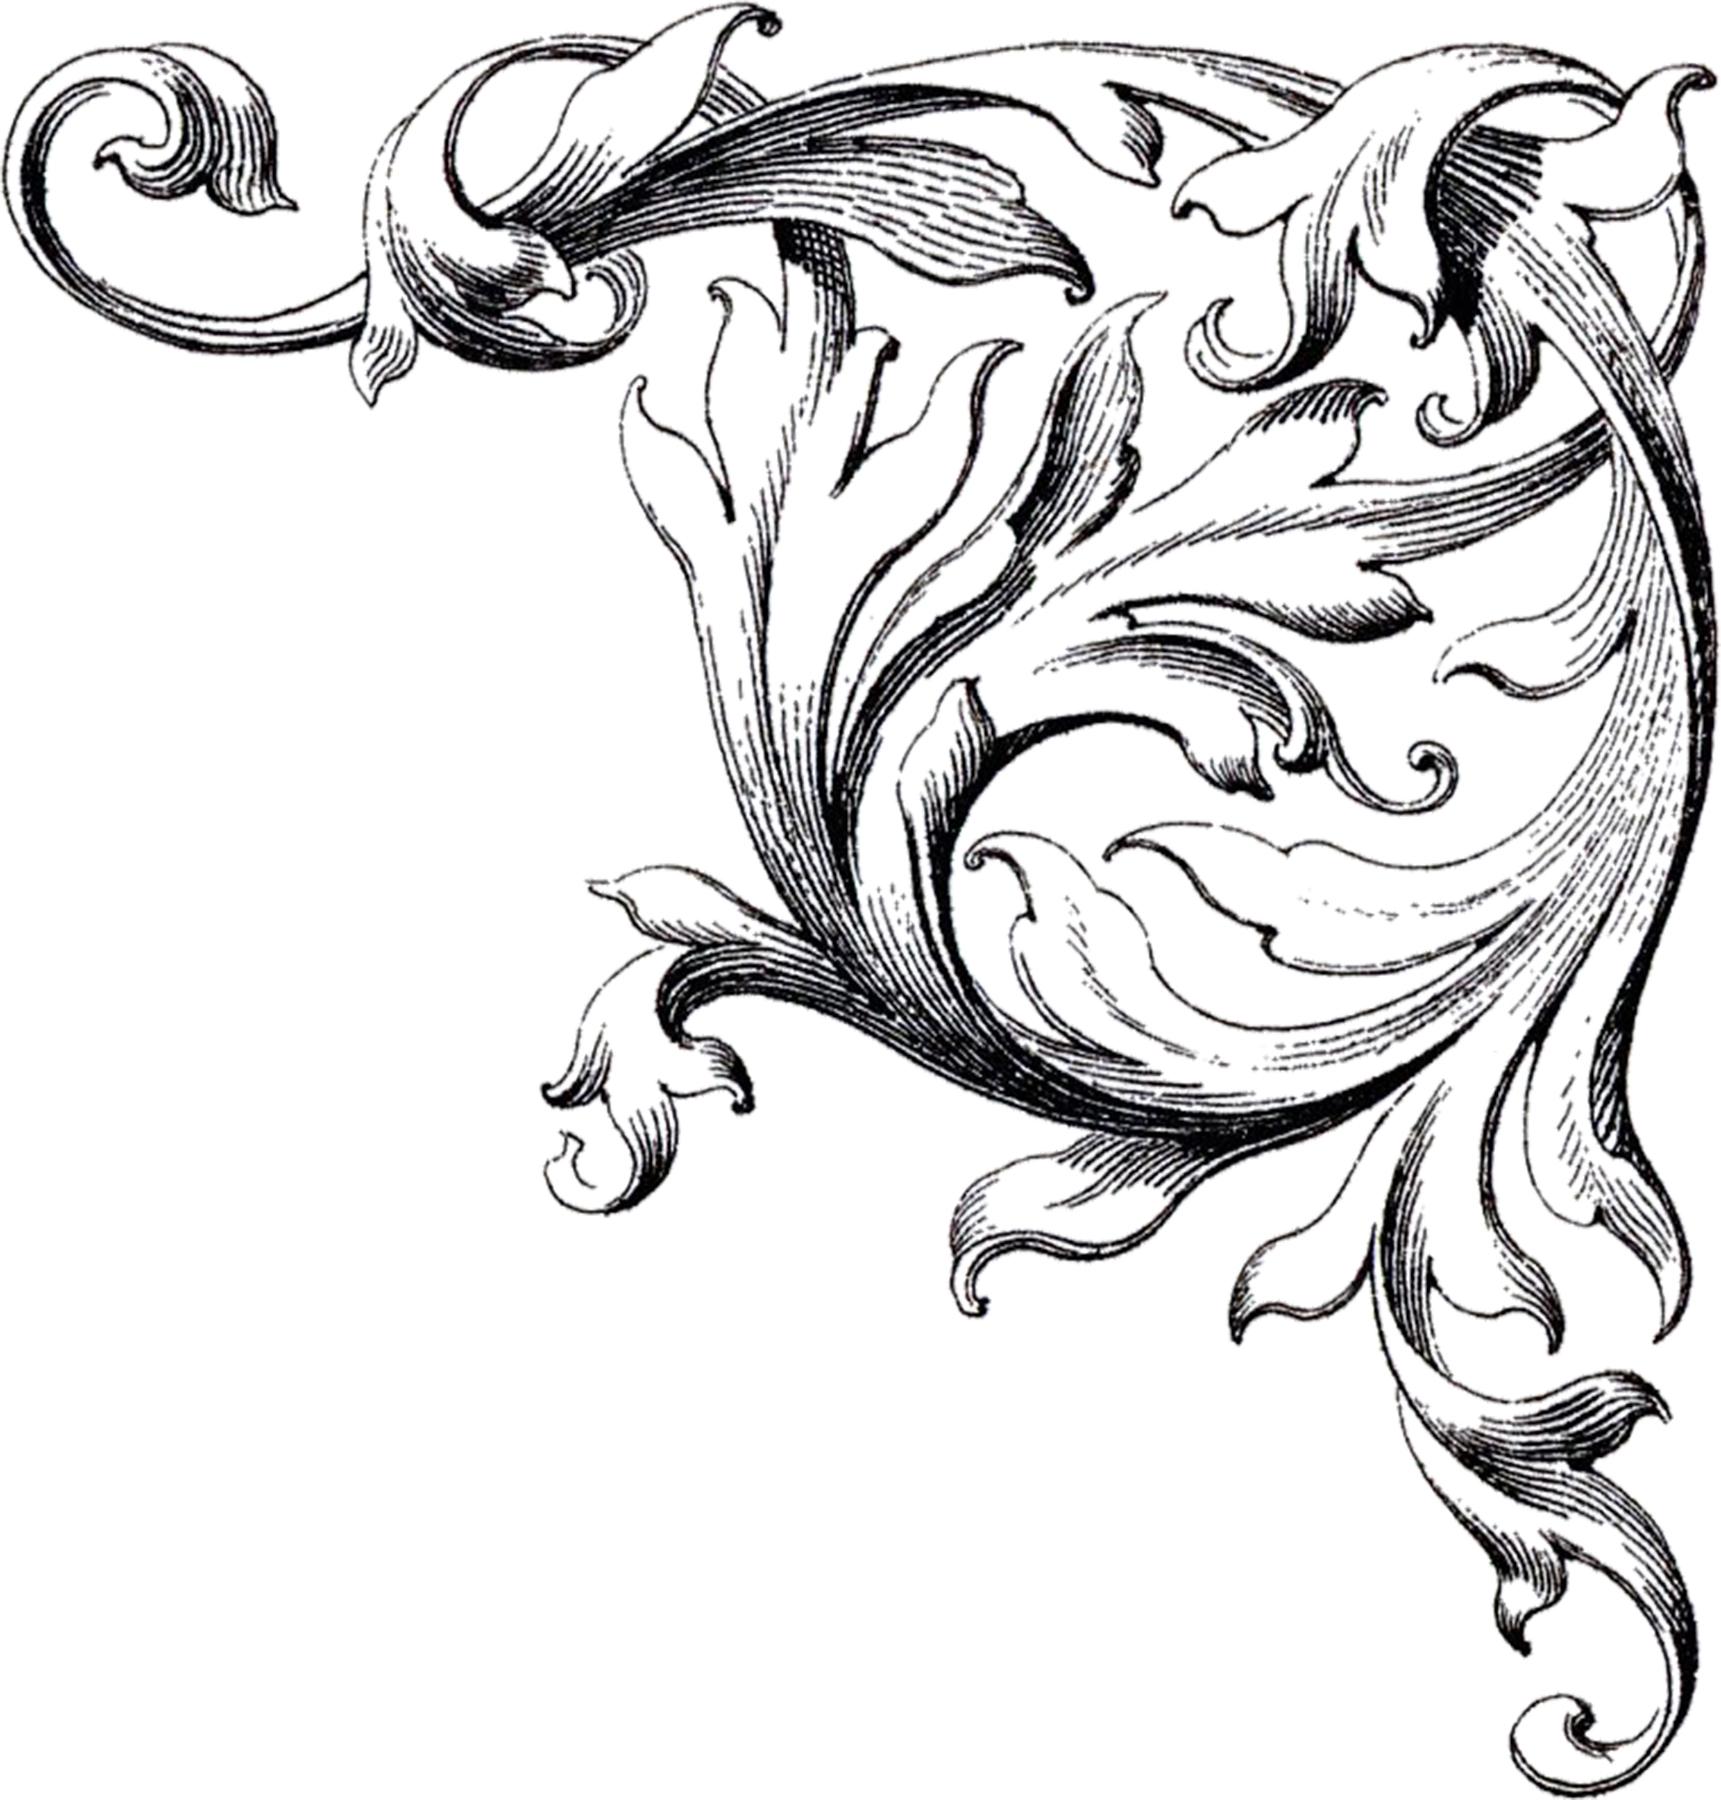 Gallery clipart wedding scroll Wedding Free Wedding Art The